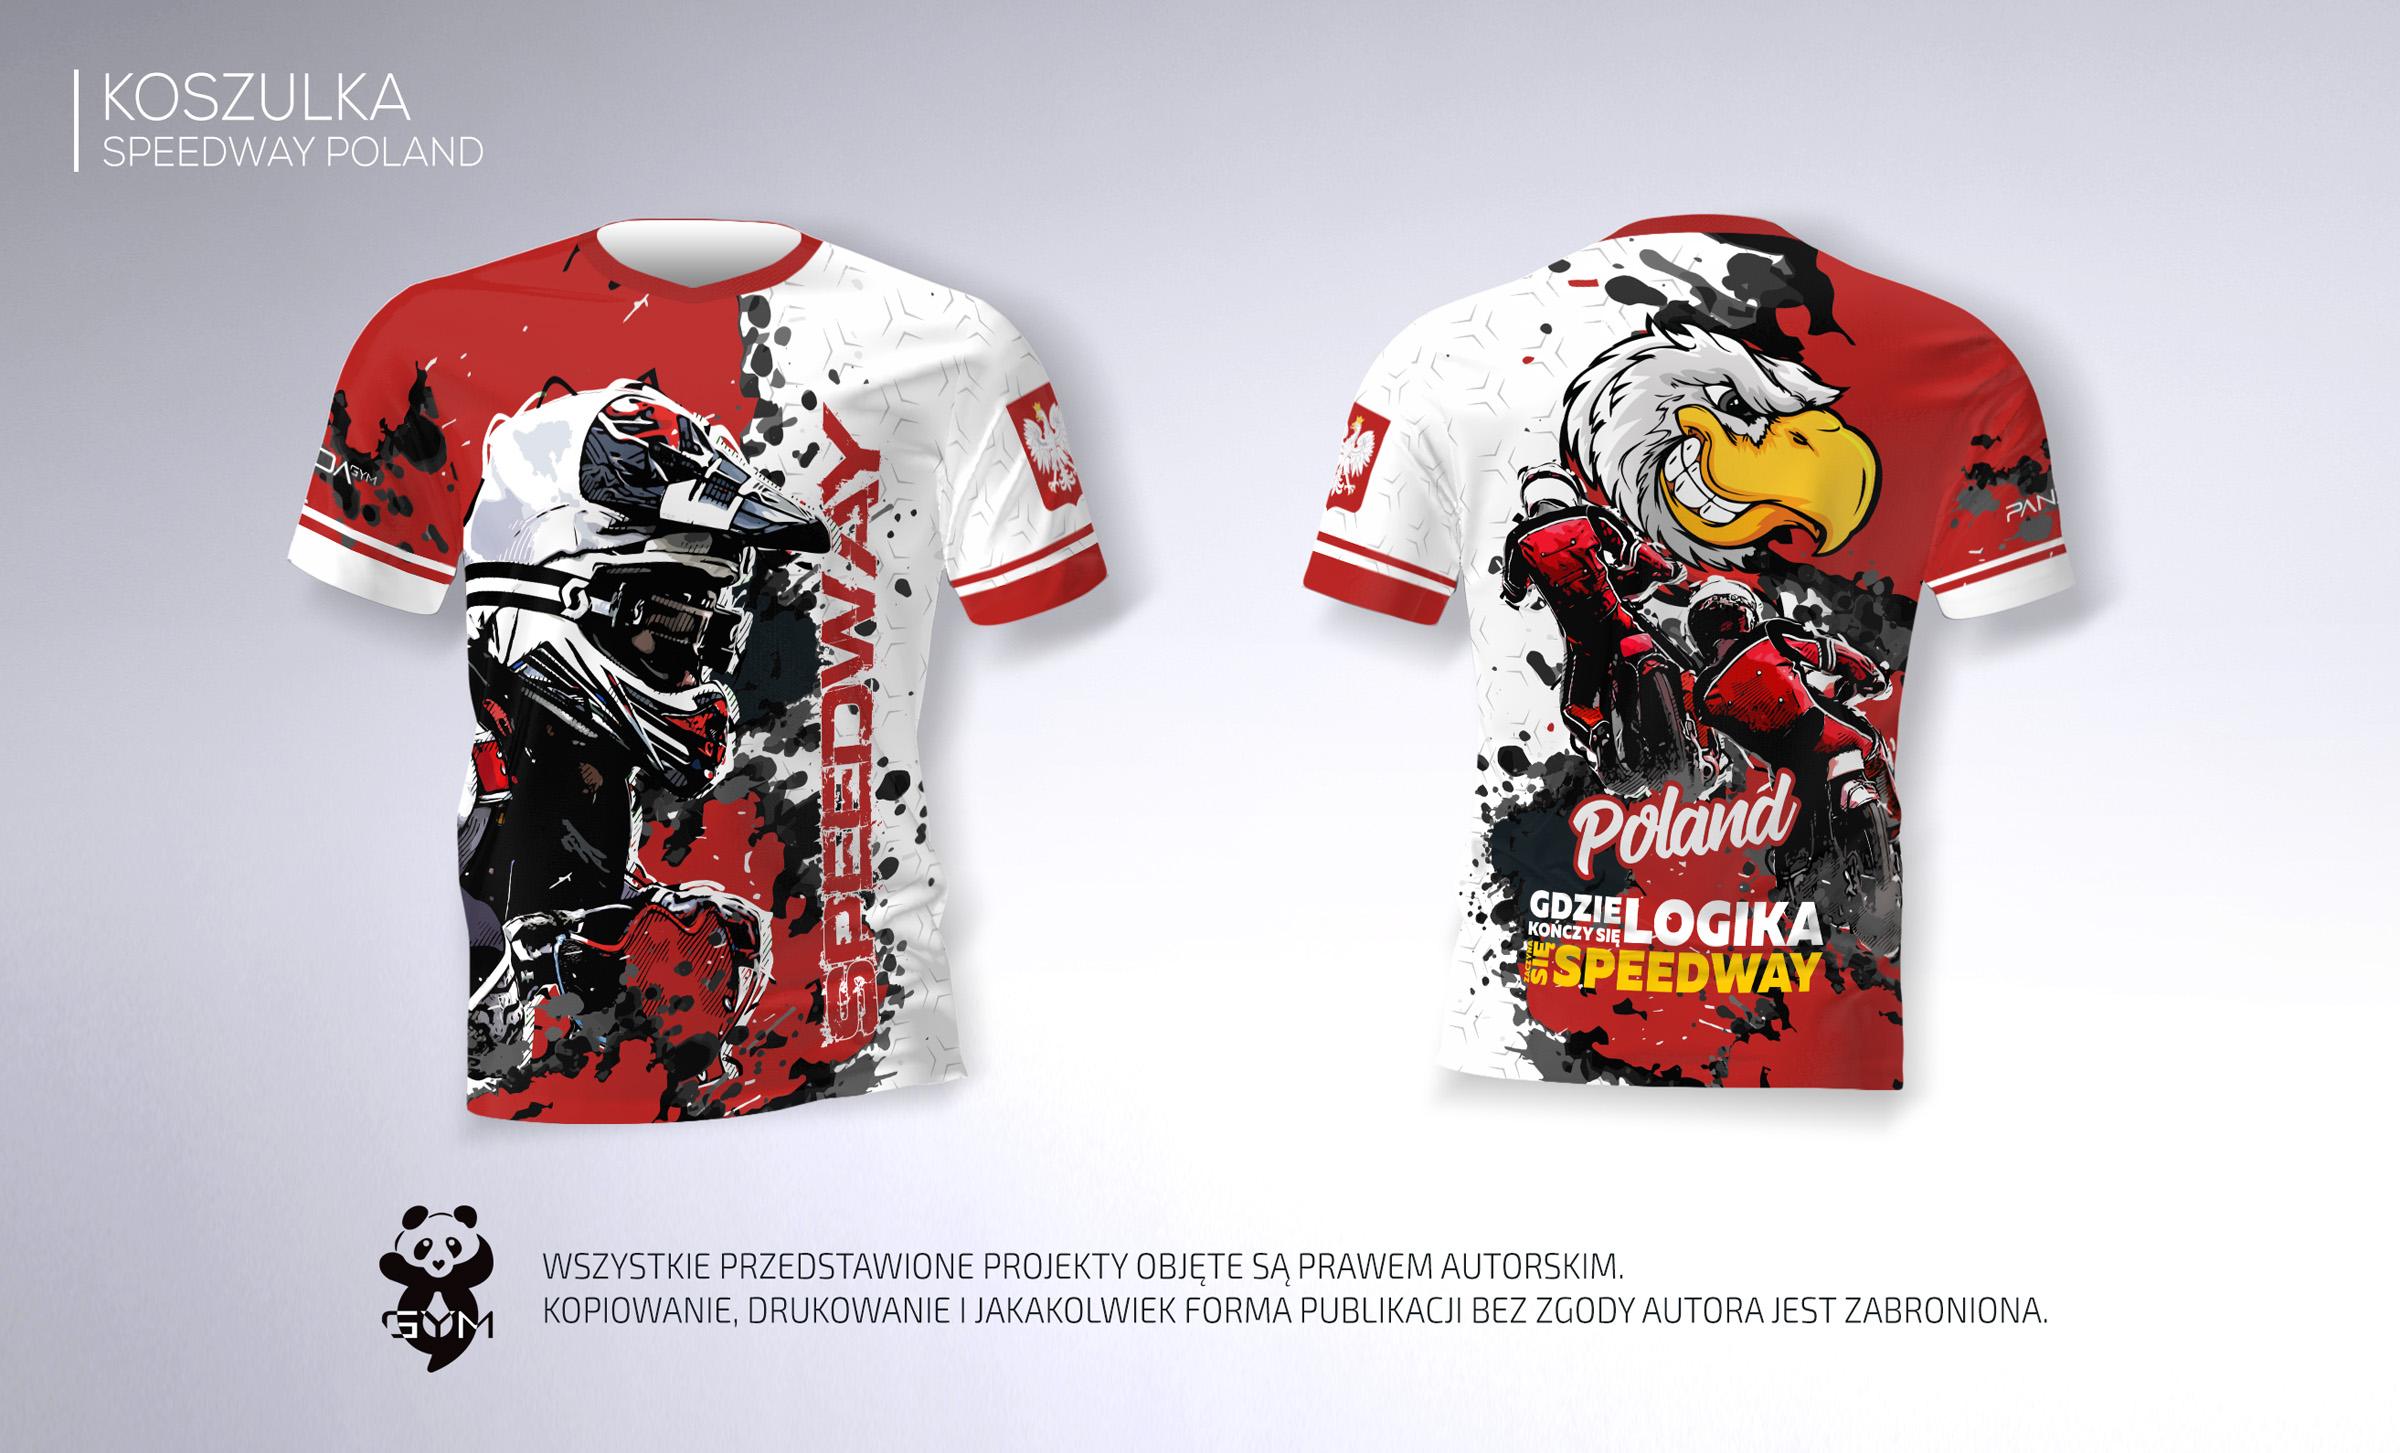 a4ba451a1 Koszulka kibica speedway żużel damska Polska 7364870212 - Allegro.pl